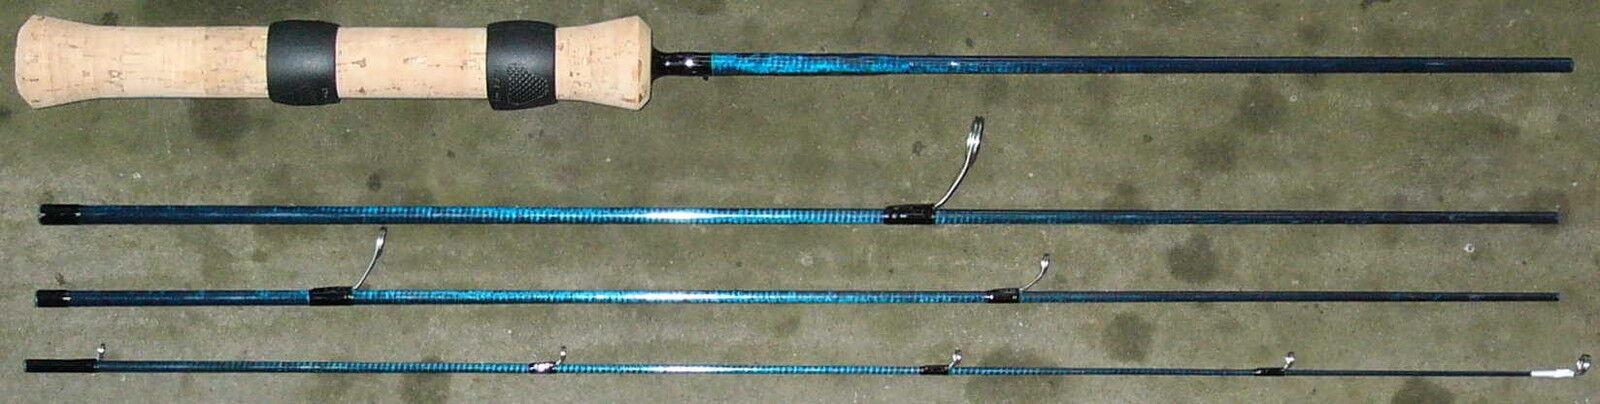 Viajes personalizados de varias piezas de agua dulce Spinning Cañas de pescar desde 445.00 Nuevo